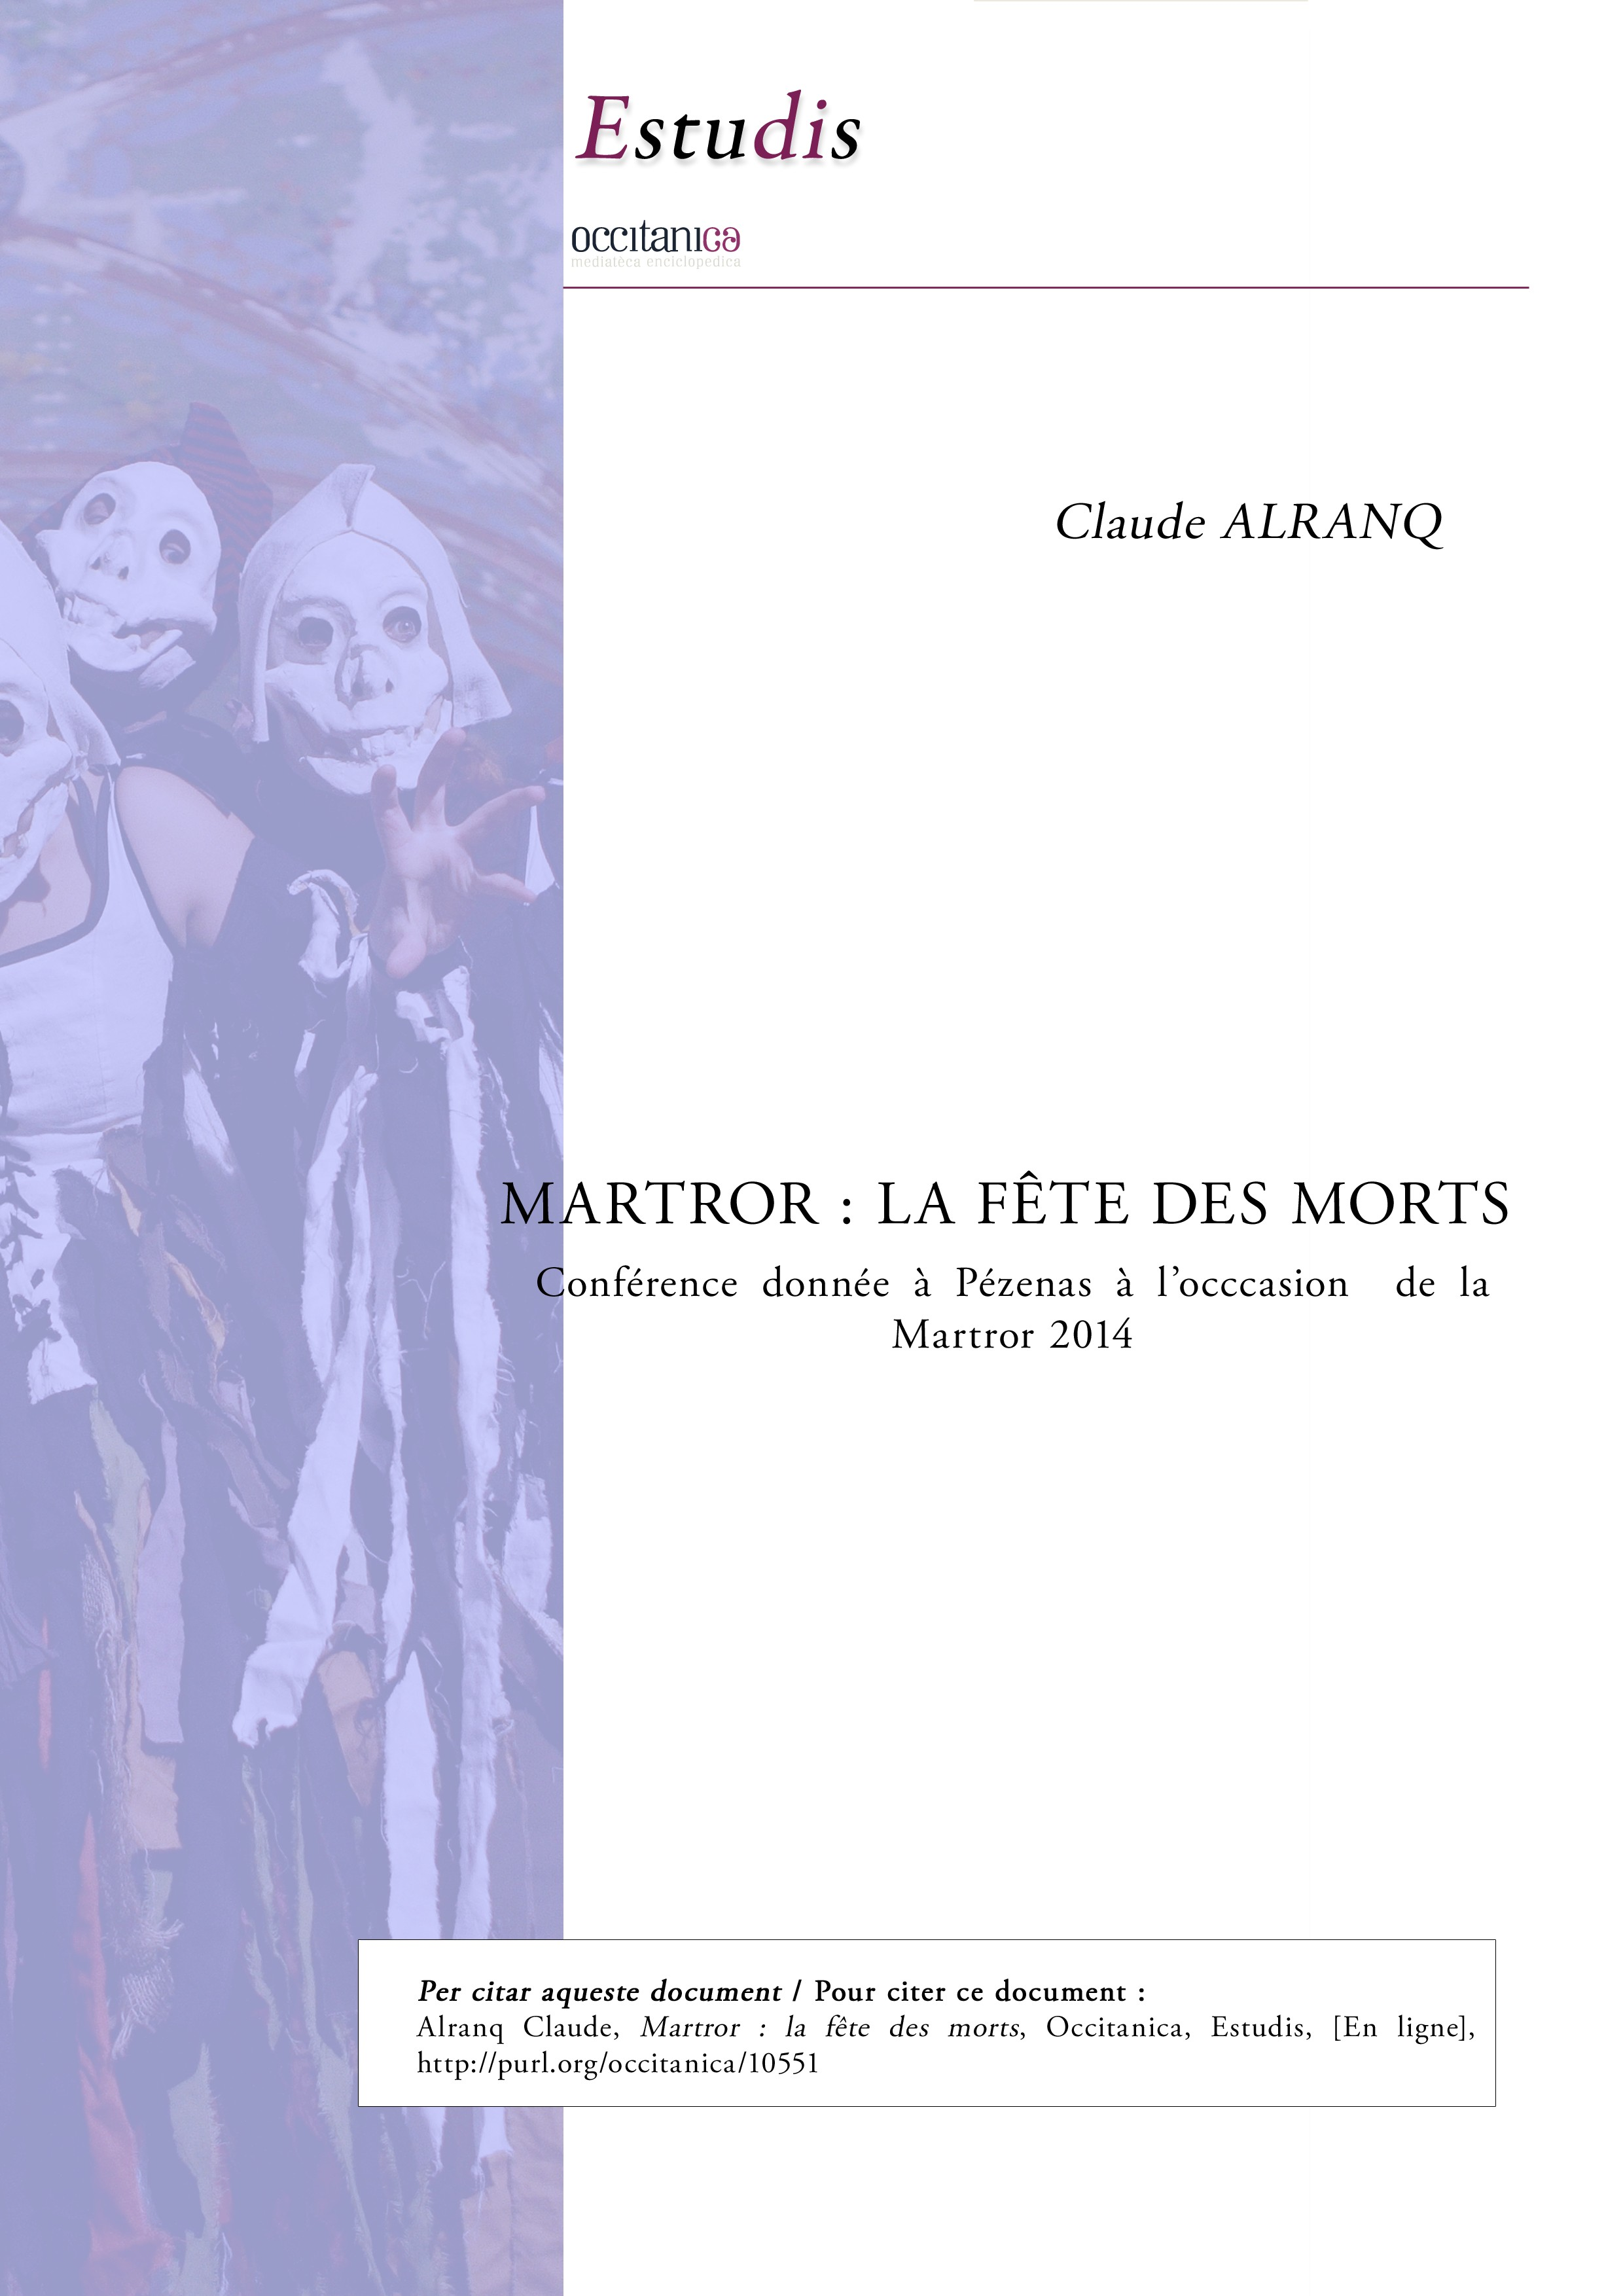 2014-11-06_Alranq-Claude_Martror_Page_1.jpg